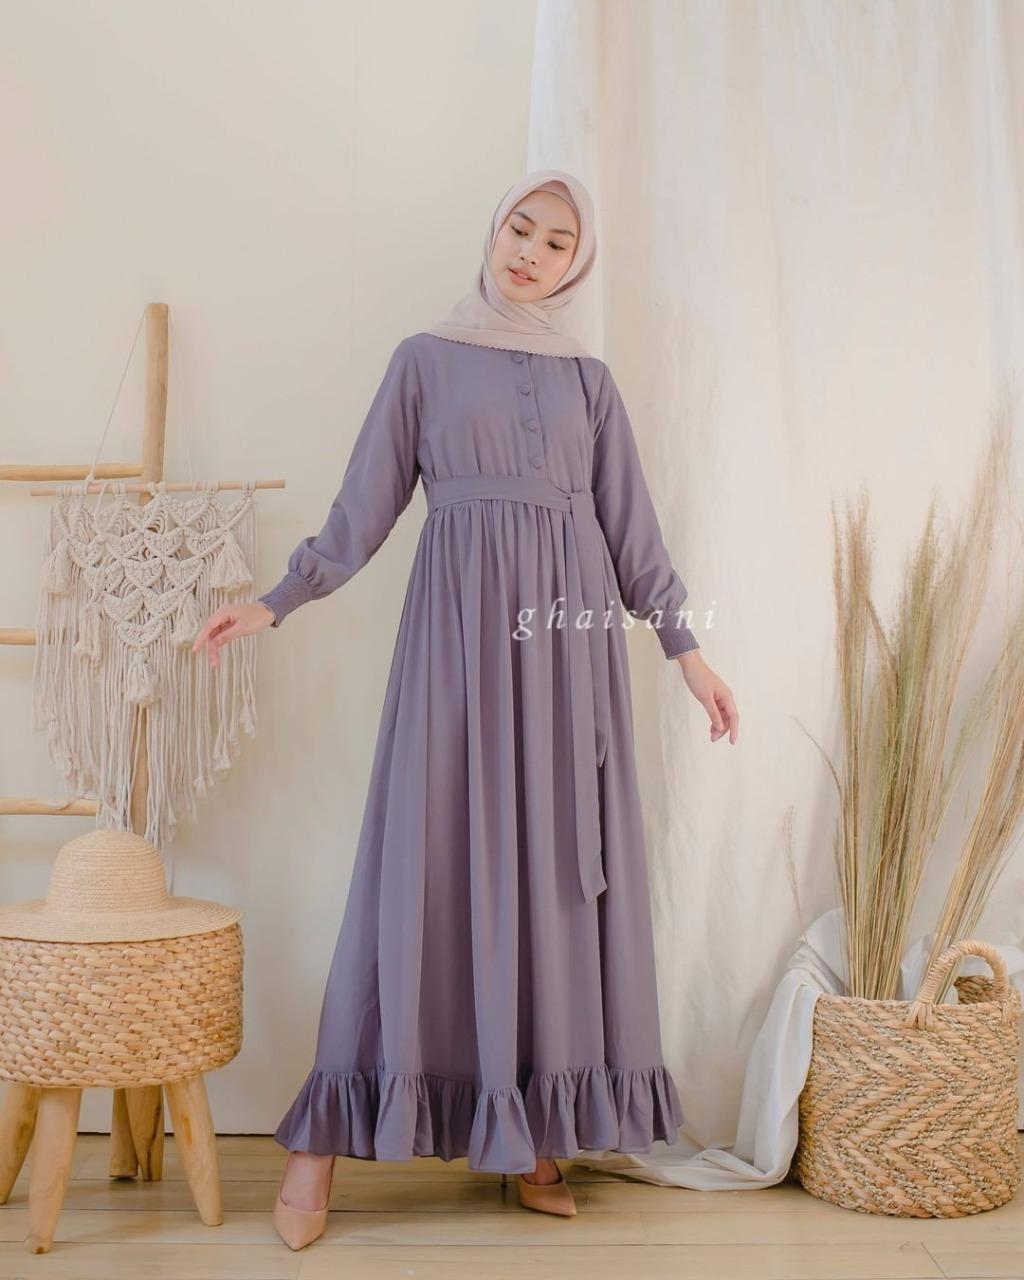 Marisa Dress / Baju Muslim & Jumpsuit / Long Dress Wanita / Long Dress Muslim / Dress Wanita / Dress Wanita Pesta / Long Dress Muslim / Long Dress Pesta / Baju Muslim Wanita / Gamis Wanita / Gamis Remaja Modern / Gamis Syari / Gamis Syar'i